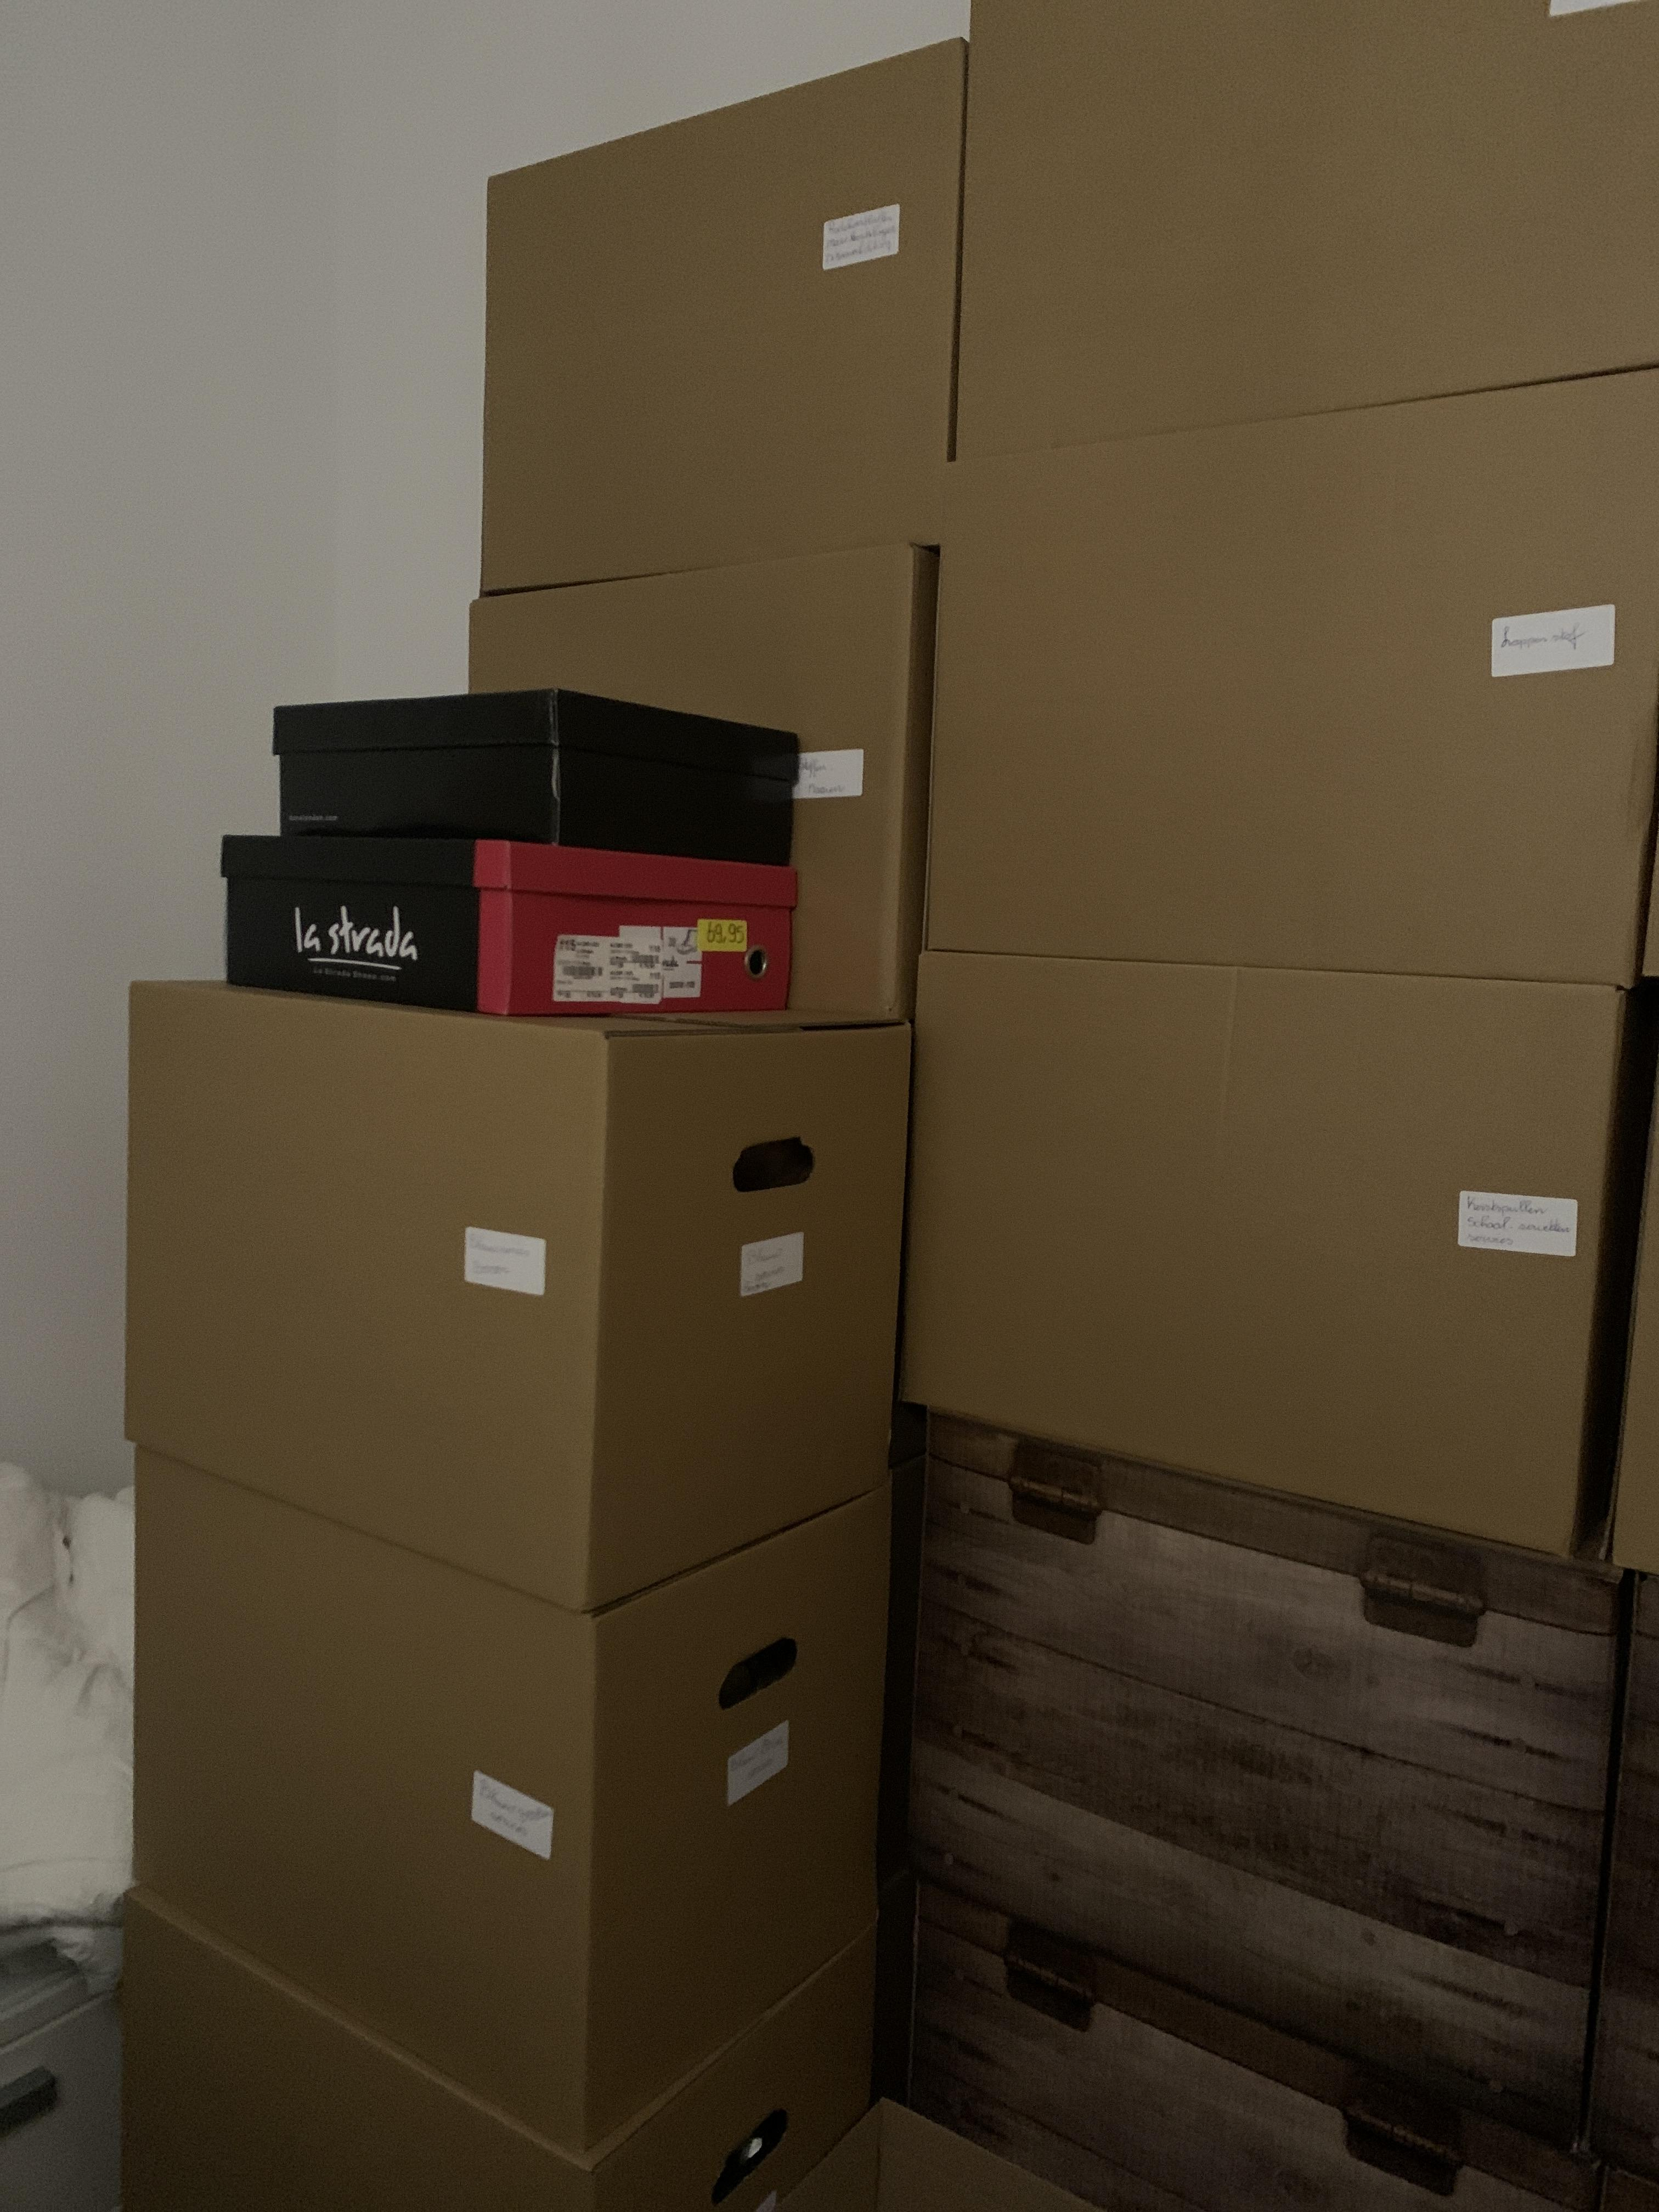 Verhuisdozen (per stuk) gebruik: Om te verhuizen